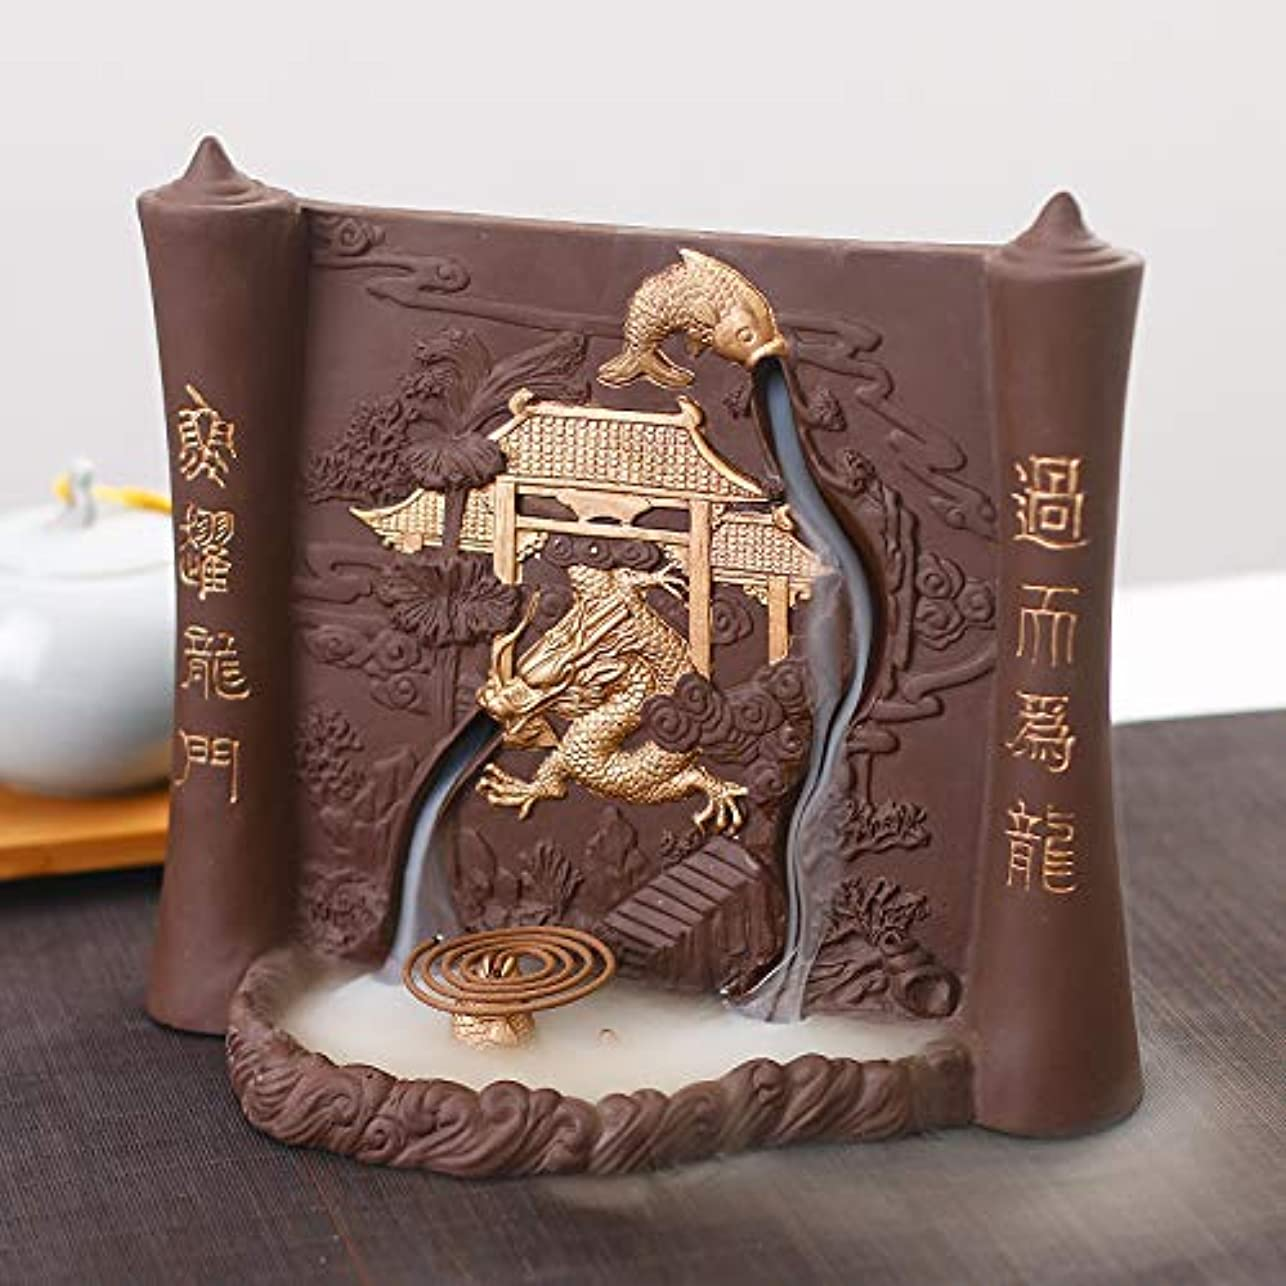 無に関してしっかりPHILOGOD 香炉 陶器漢字彫刻レリーフ手作り逆流香炉 線香立て デュアルユース お香 ホルダー